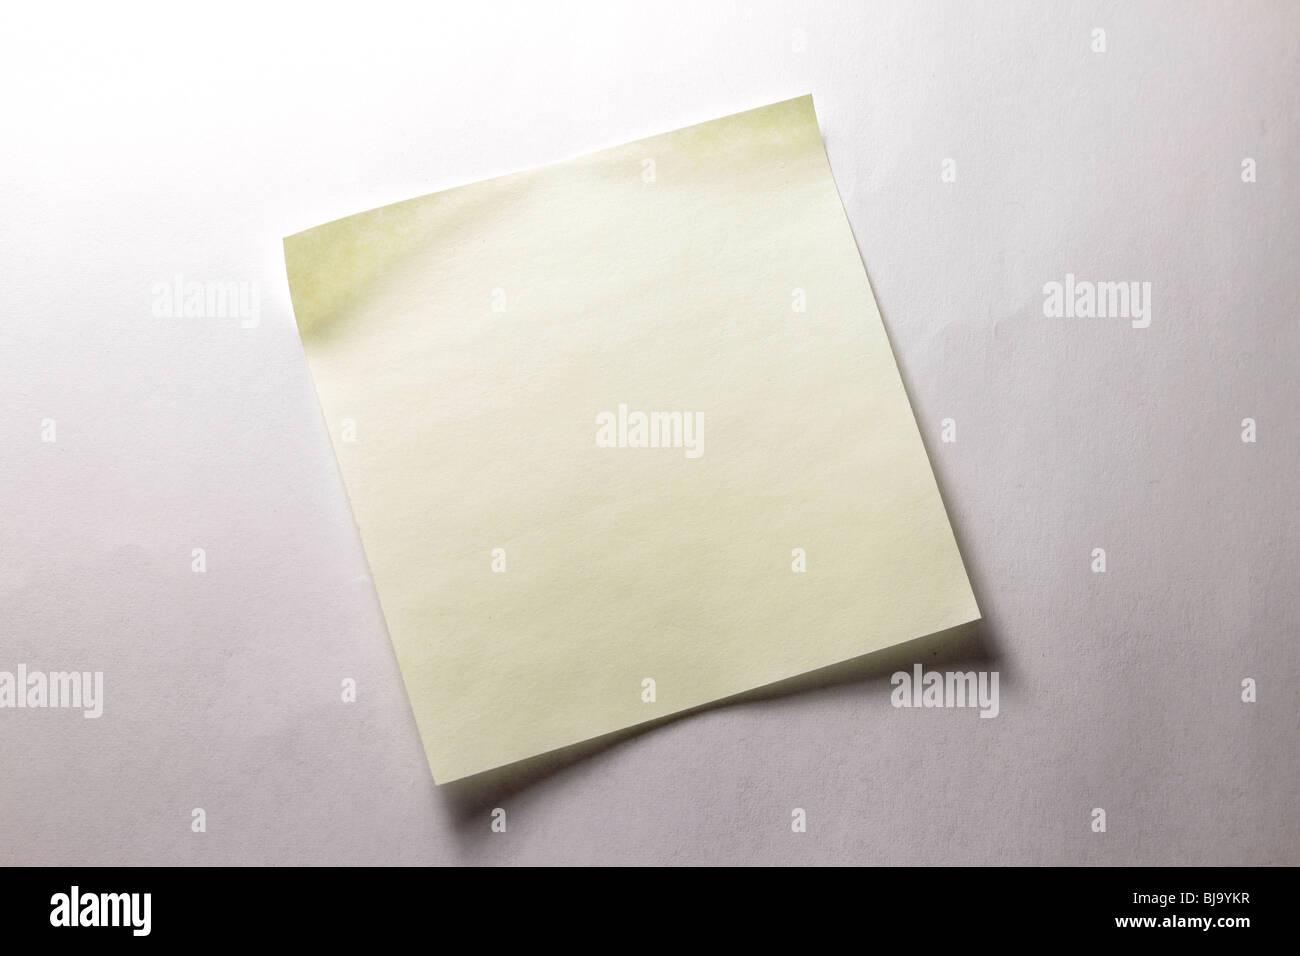 Nota adesiva sulla superficie piana Immagini Stock